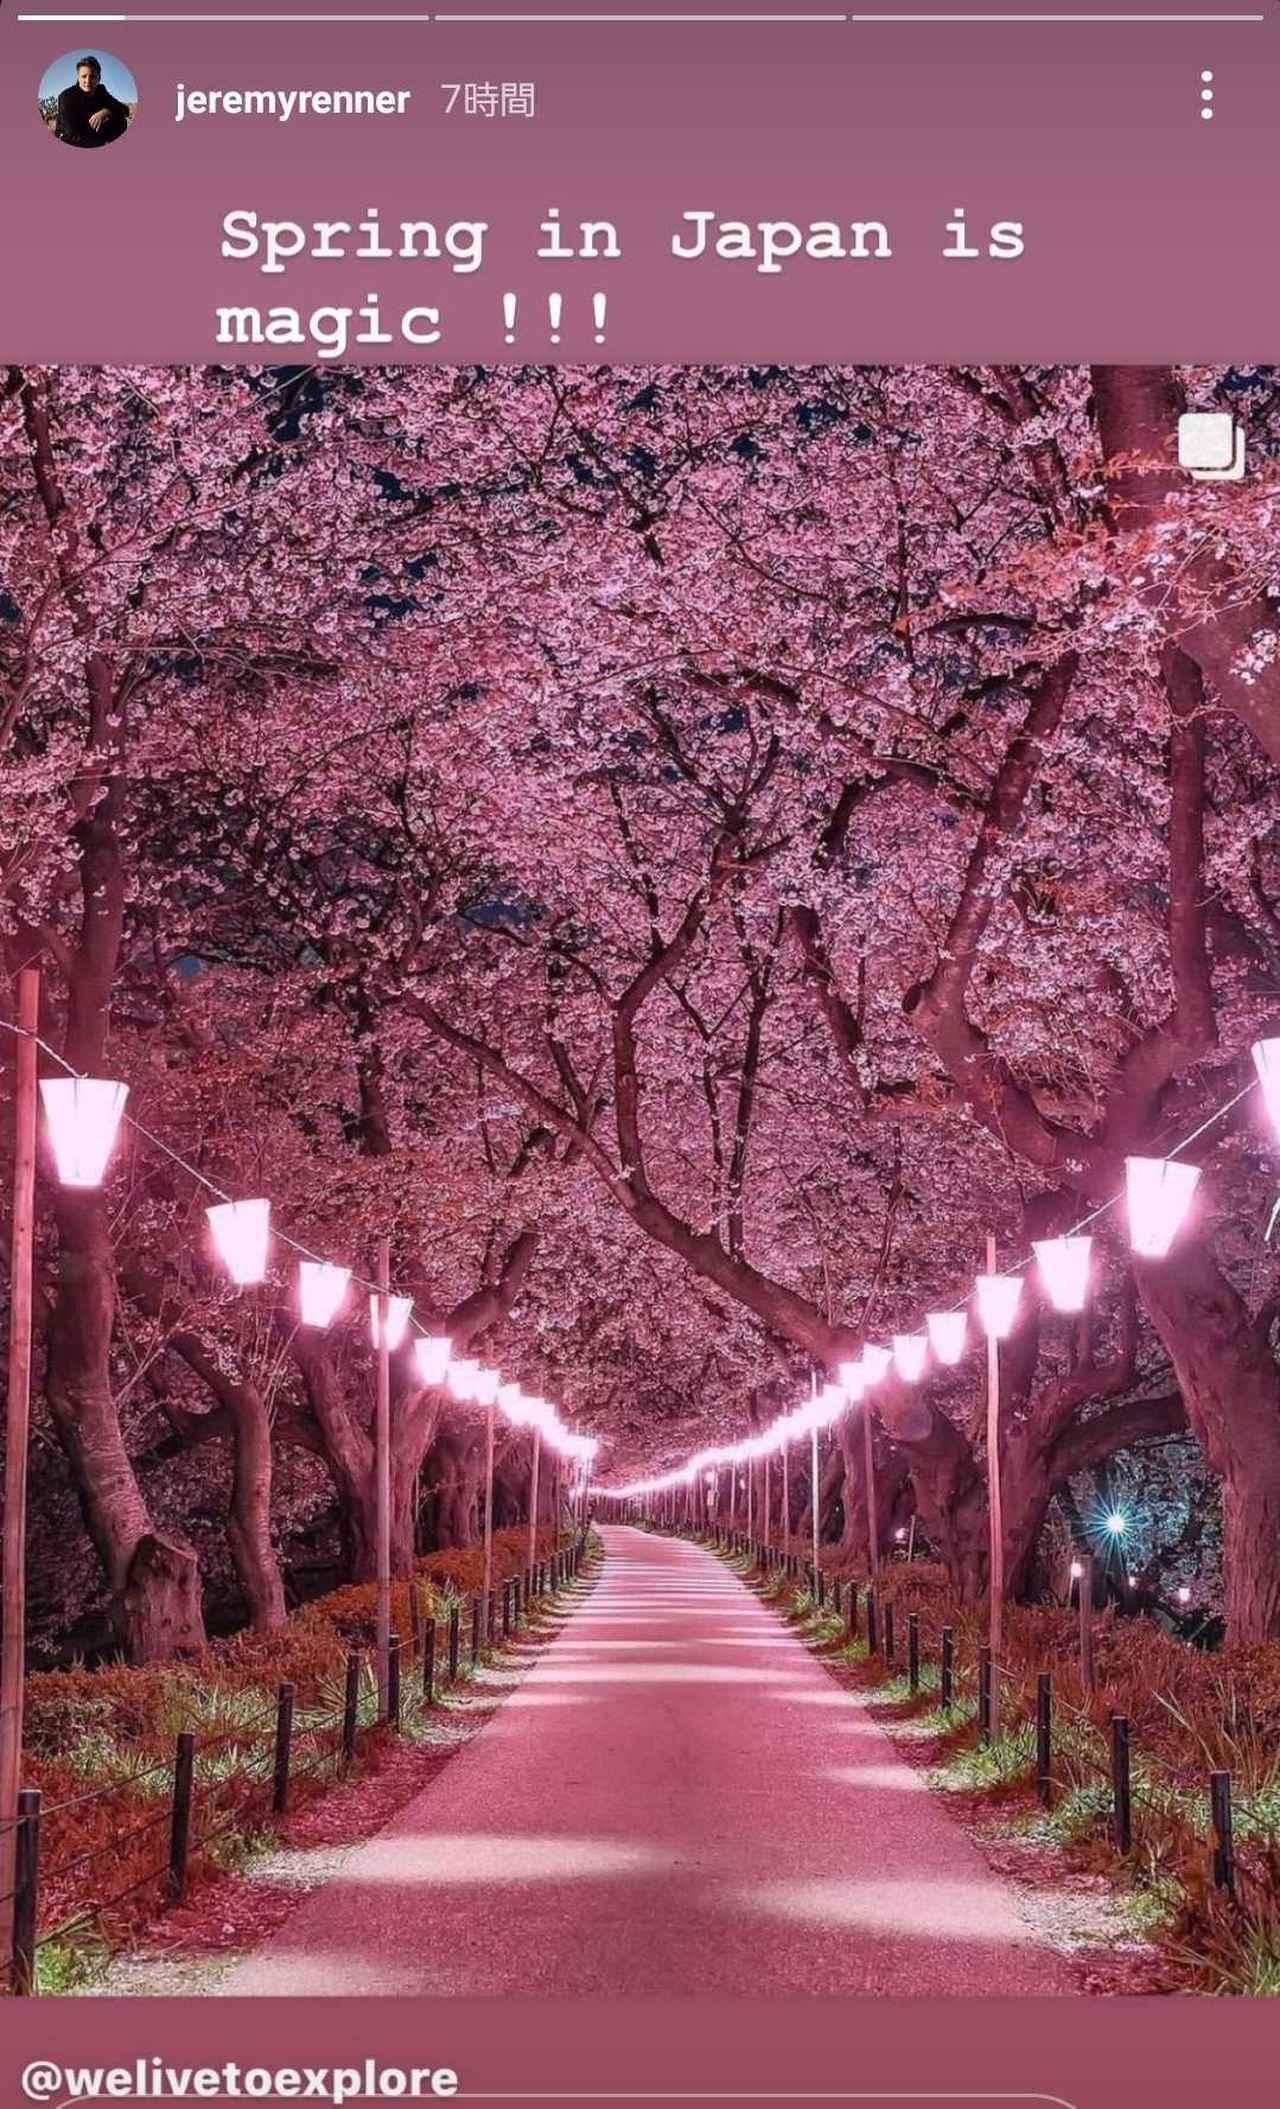 画像2: ジェレミー・レナーが桜満開の景色に感動